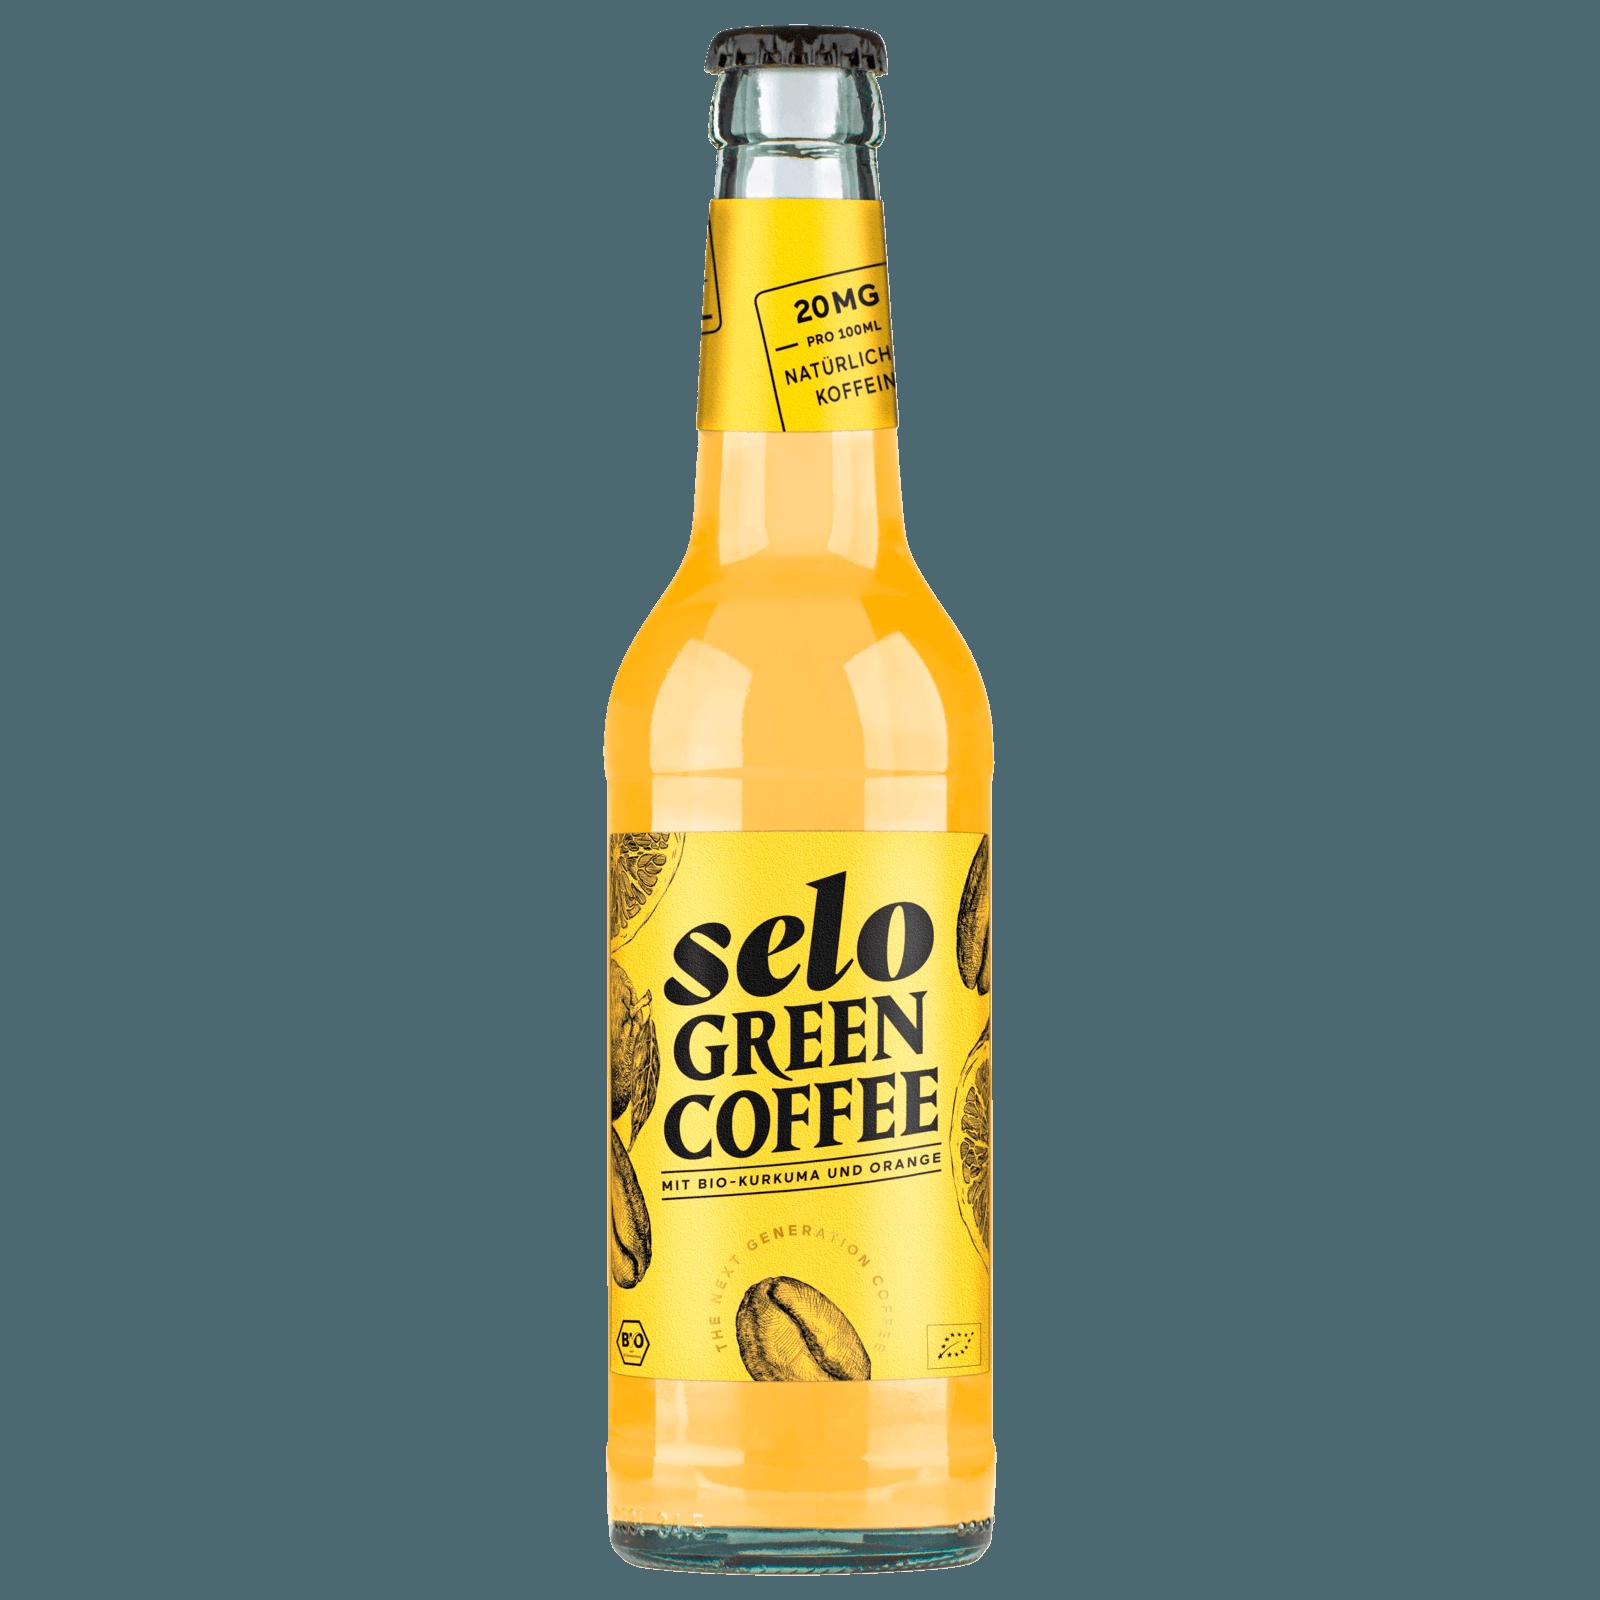 Selo Green Coffee mit Kurkuma und Orange 0,33l